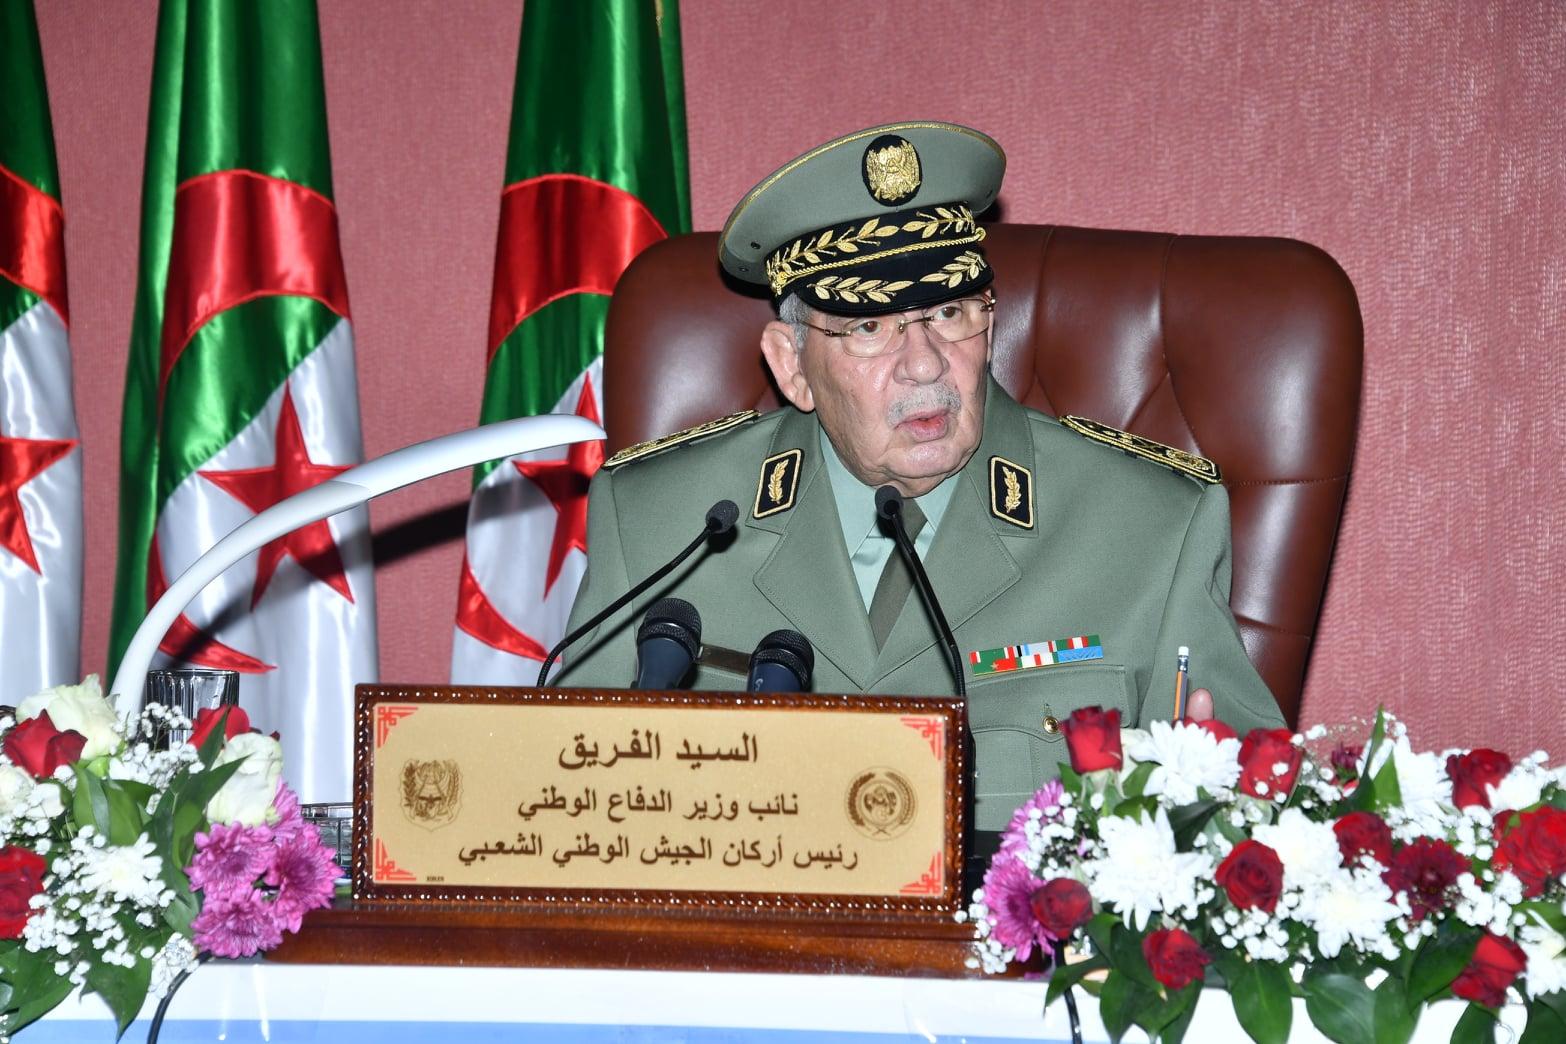 صورة الفريق قايد صالح يشدد على أن الانتخابات الرئاسية ستجري في تاريخها المحدد